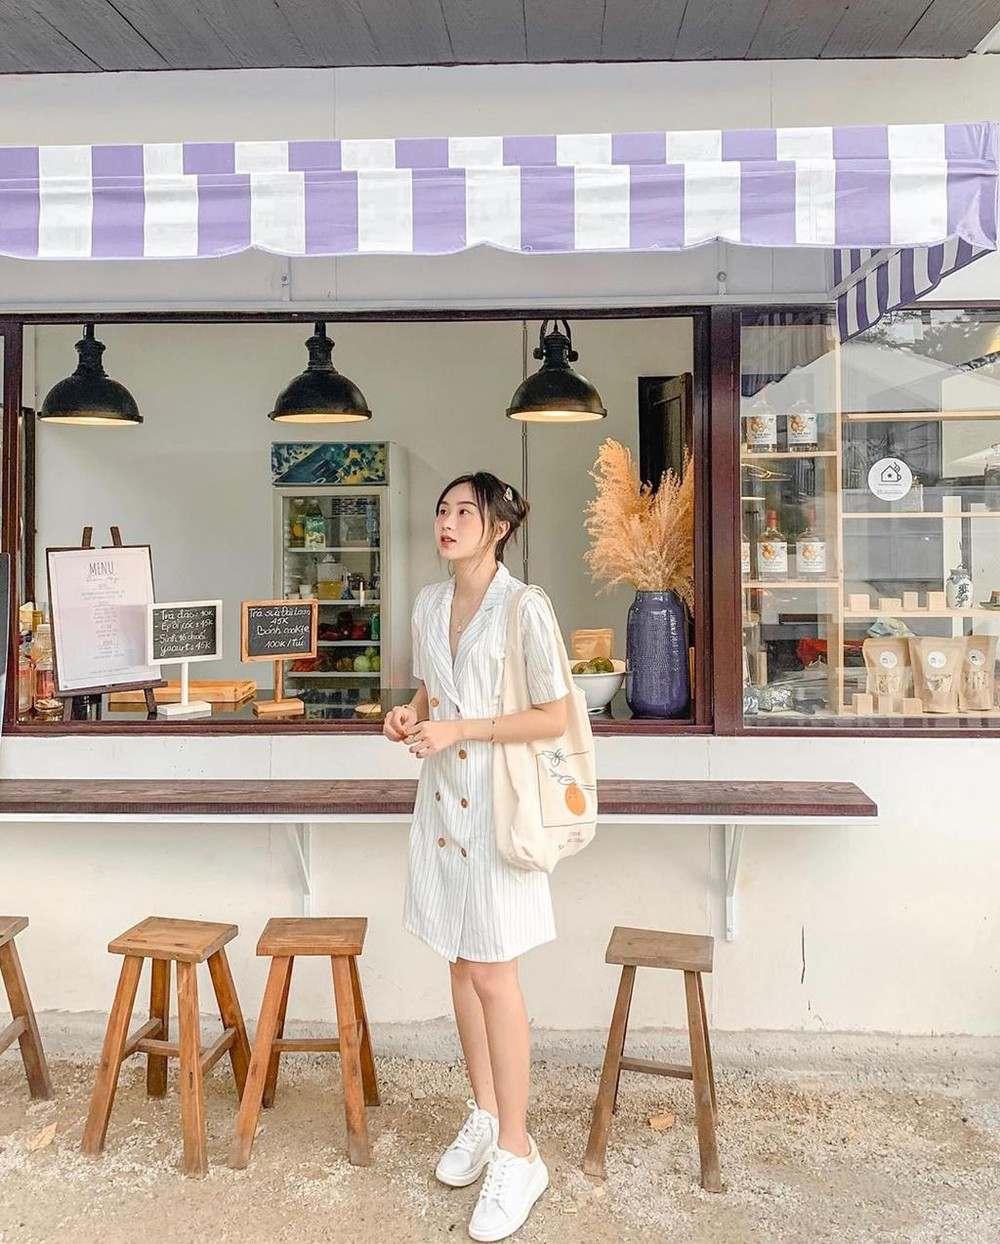 Quán Mây Coffee & More - Quán cà phê phong cách Hàn Quốc ở Đà Lạt 1